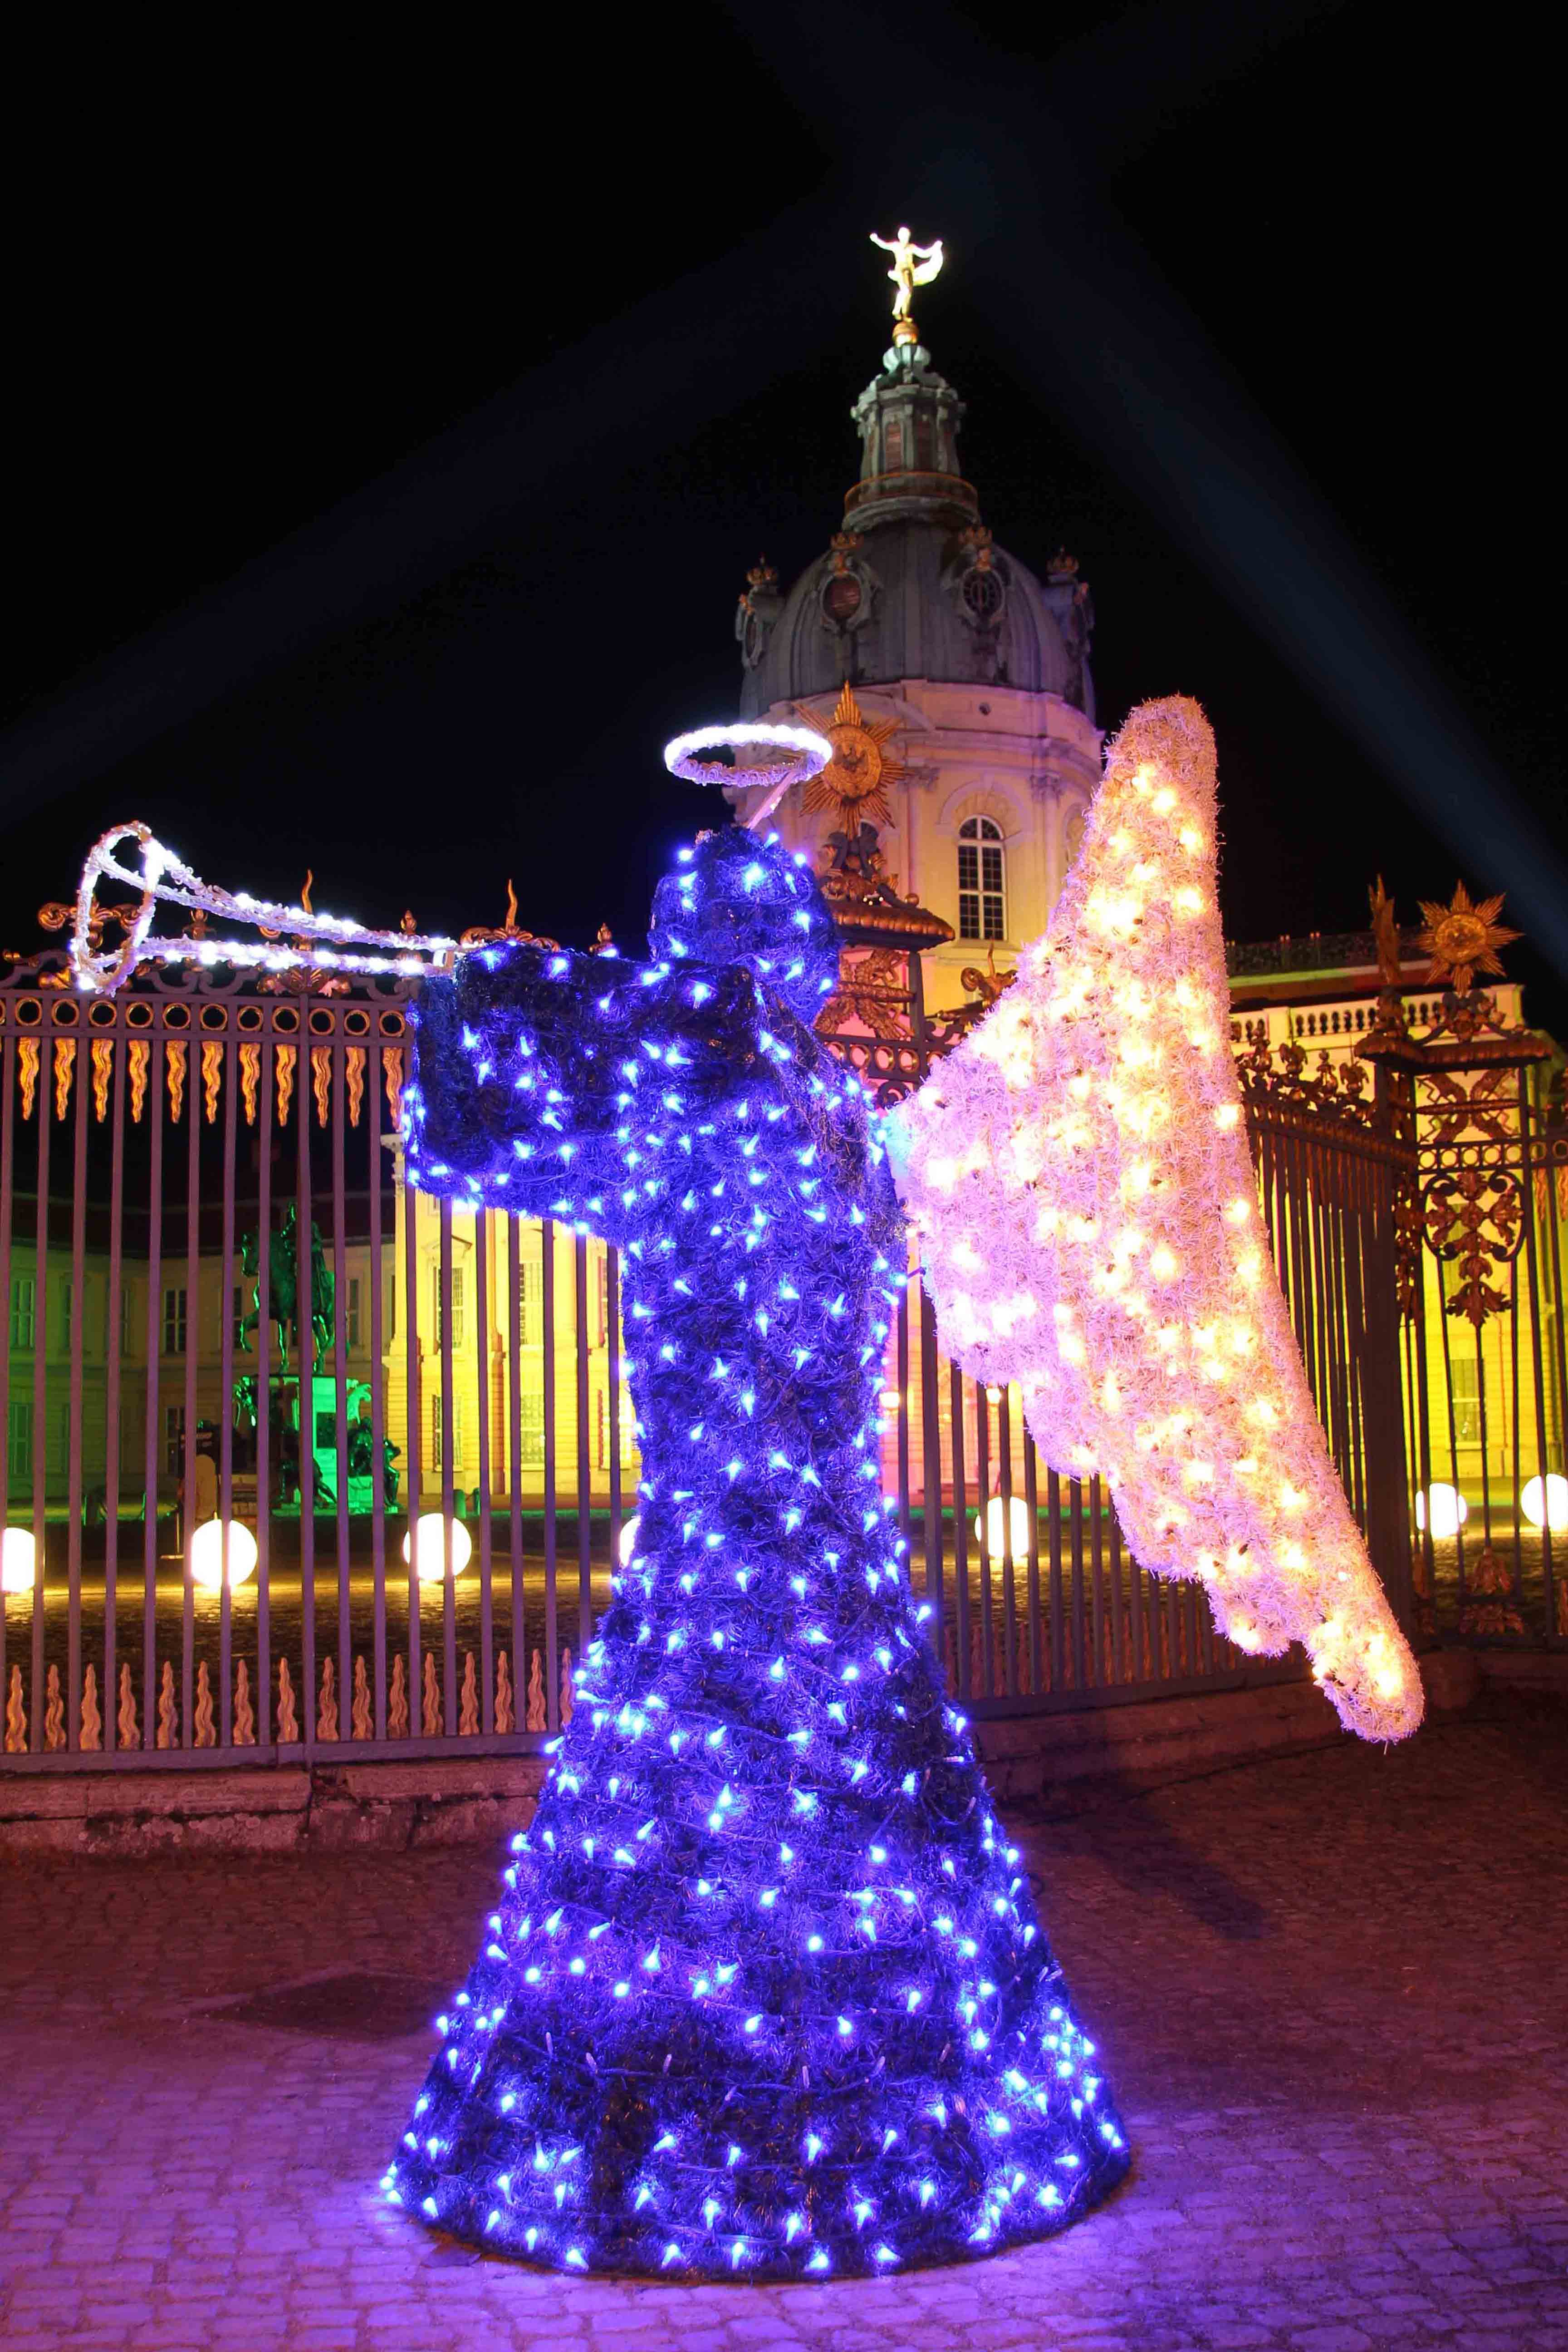 Angel at Weihnachtsmarkt vor dem Schloss Charlottenburg - a Christmas Market in Berlin